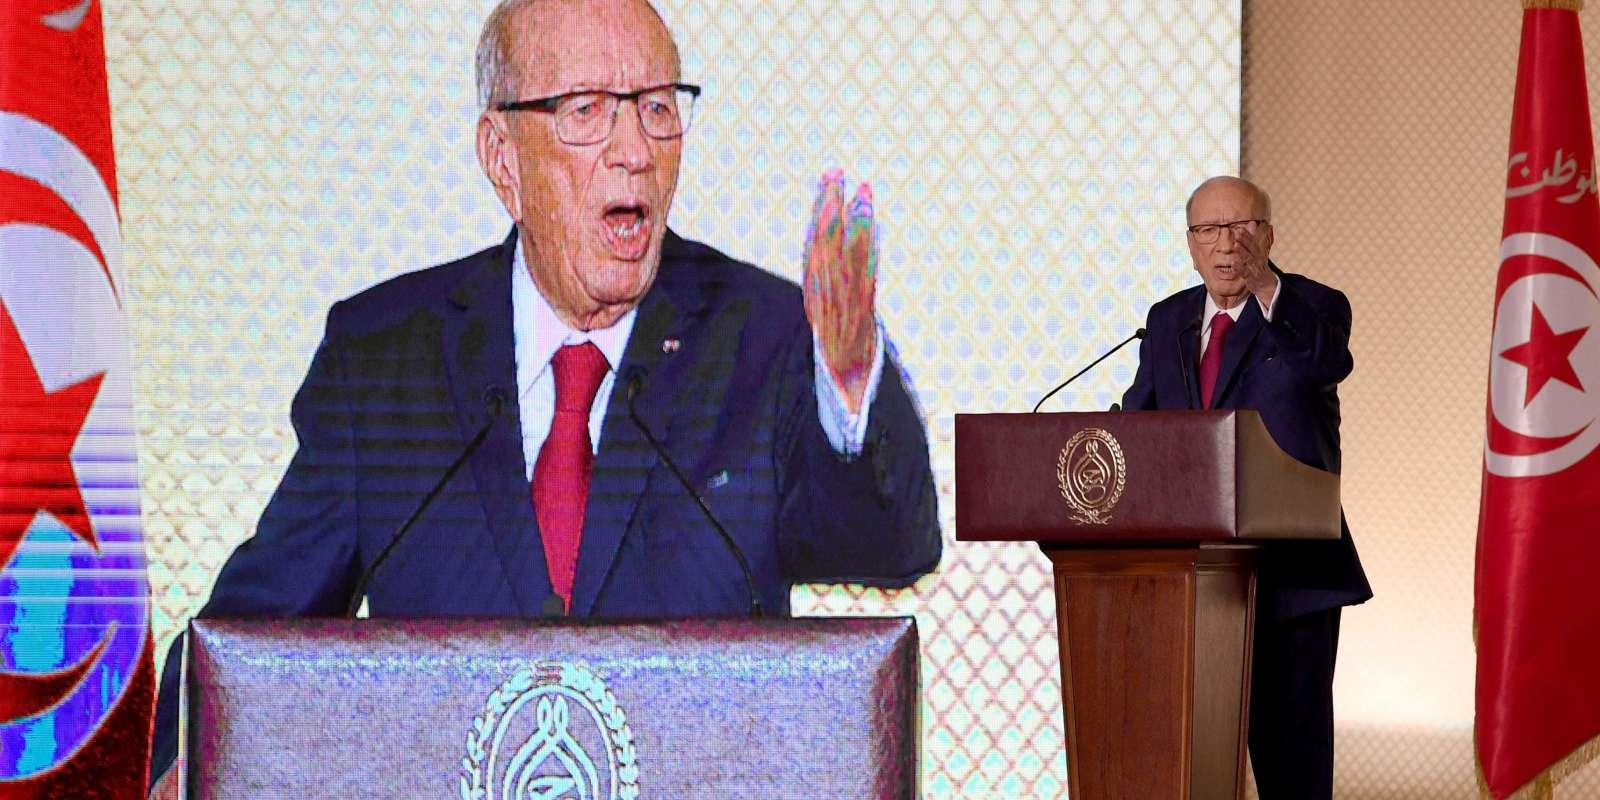 Le président tunisien Beji Caid Essebsi lors de son discours du 10 mai à Tunis.